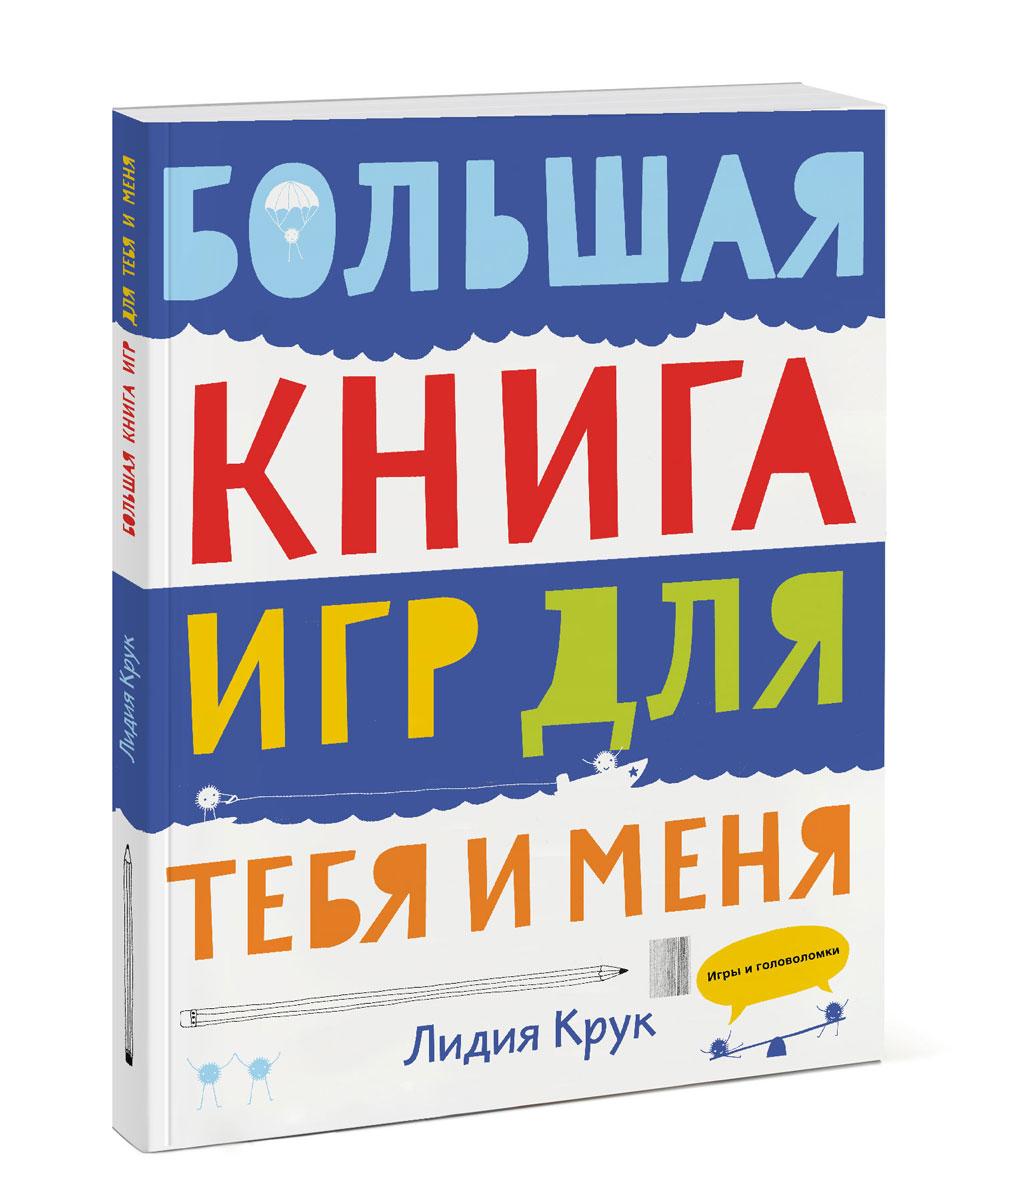 Лидия Крук Большая книга игр для тебя и меня книги издательство clever моя большая книга игр